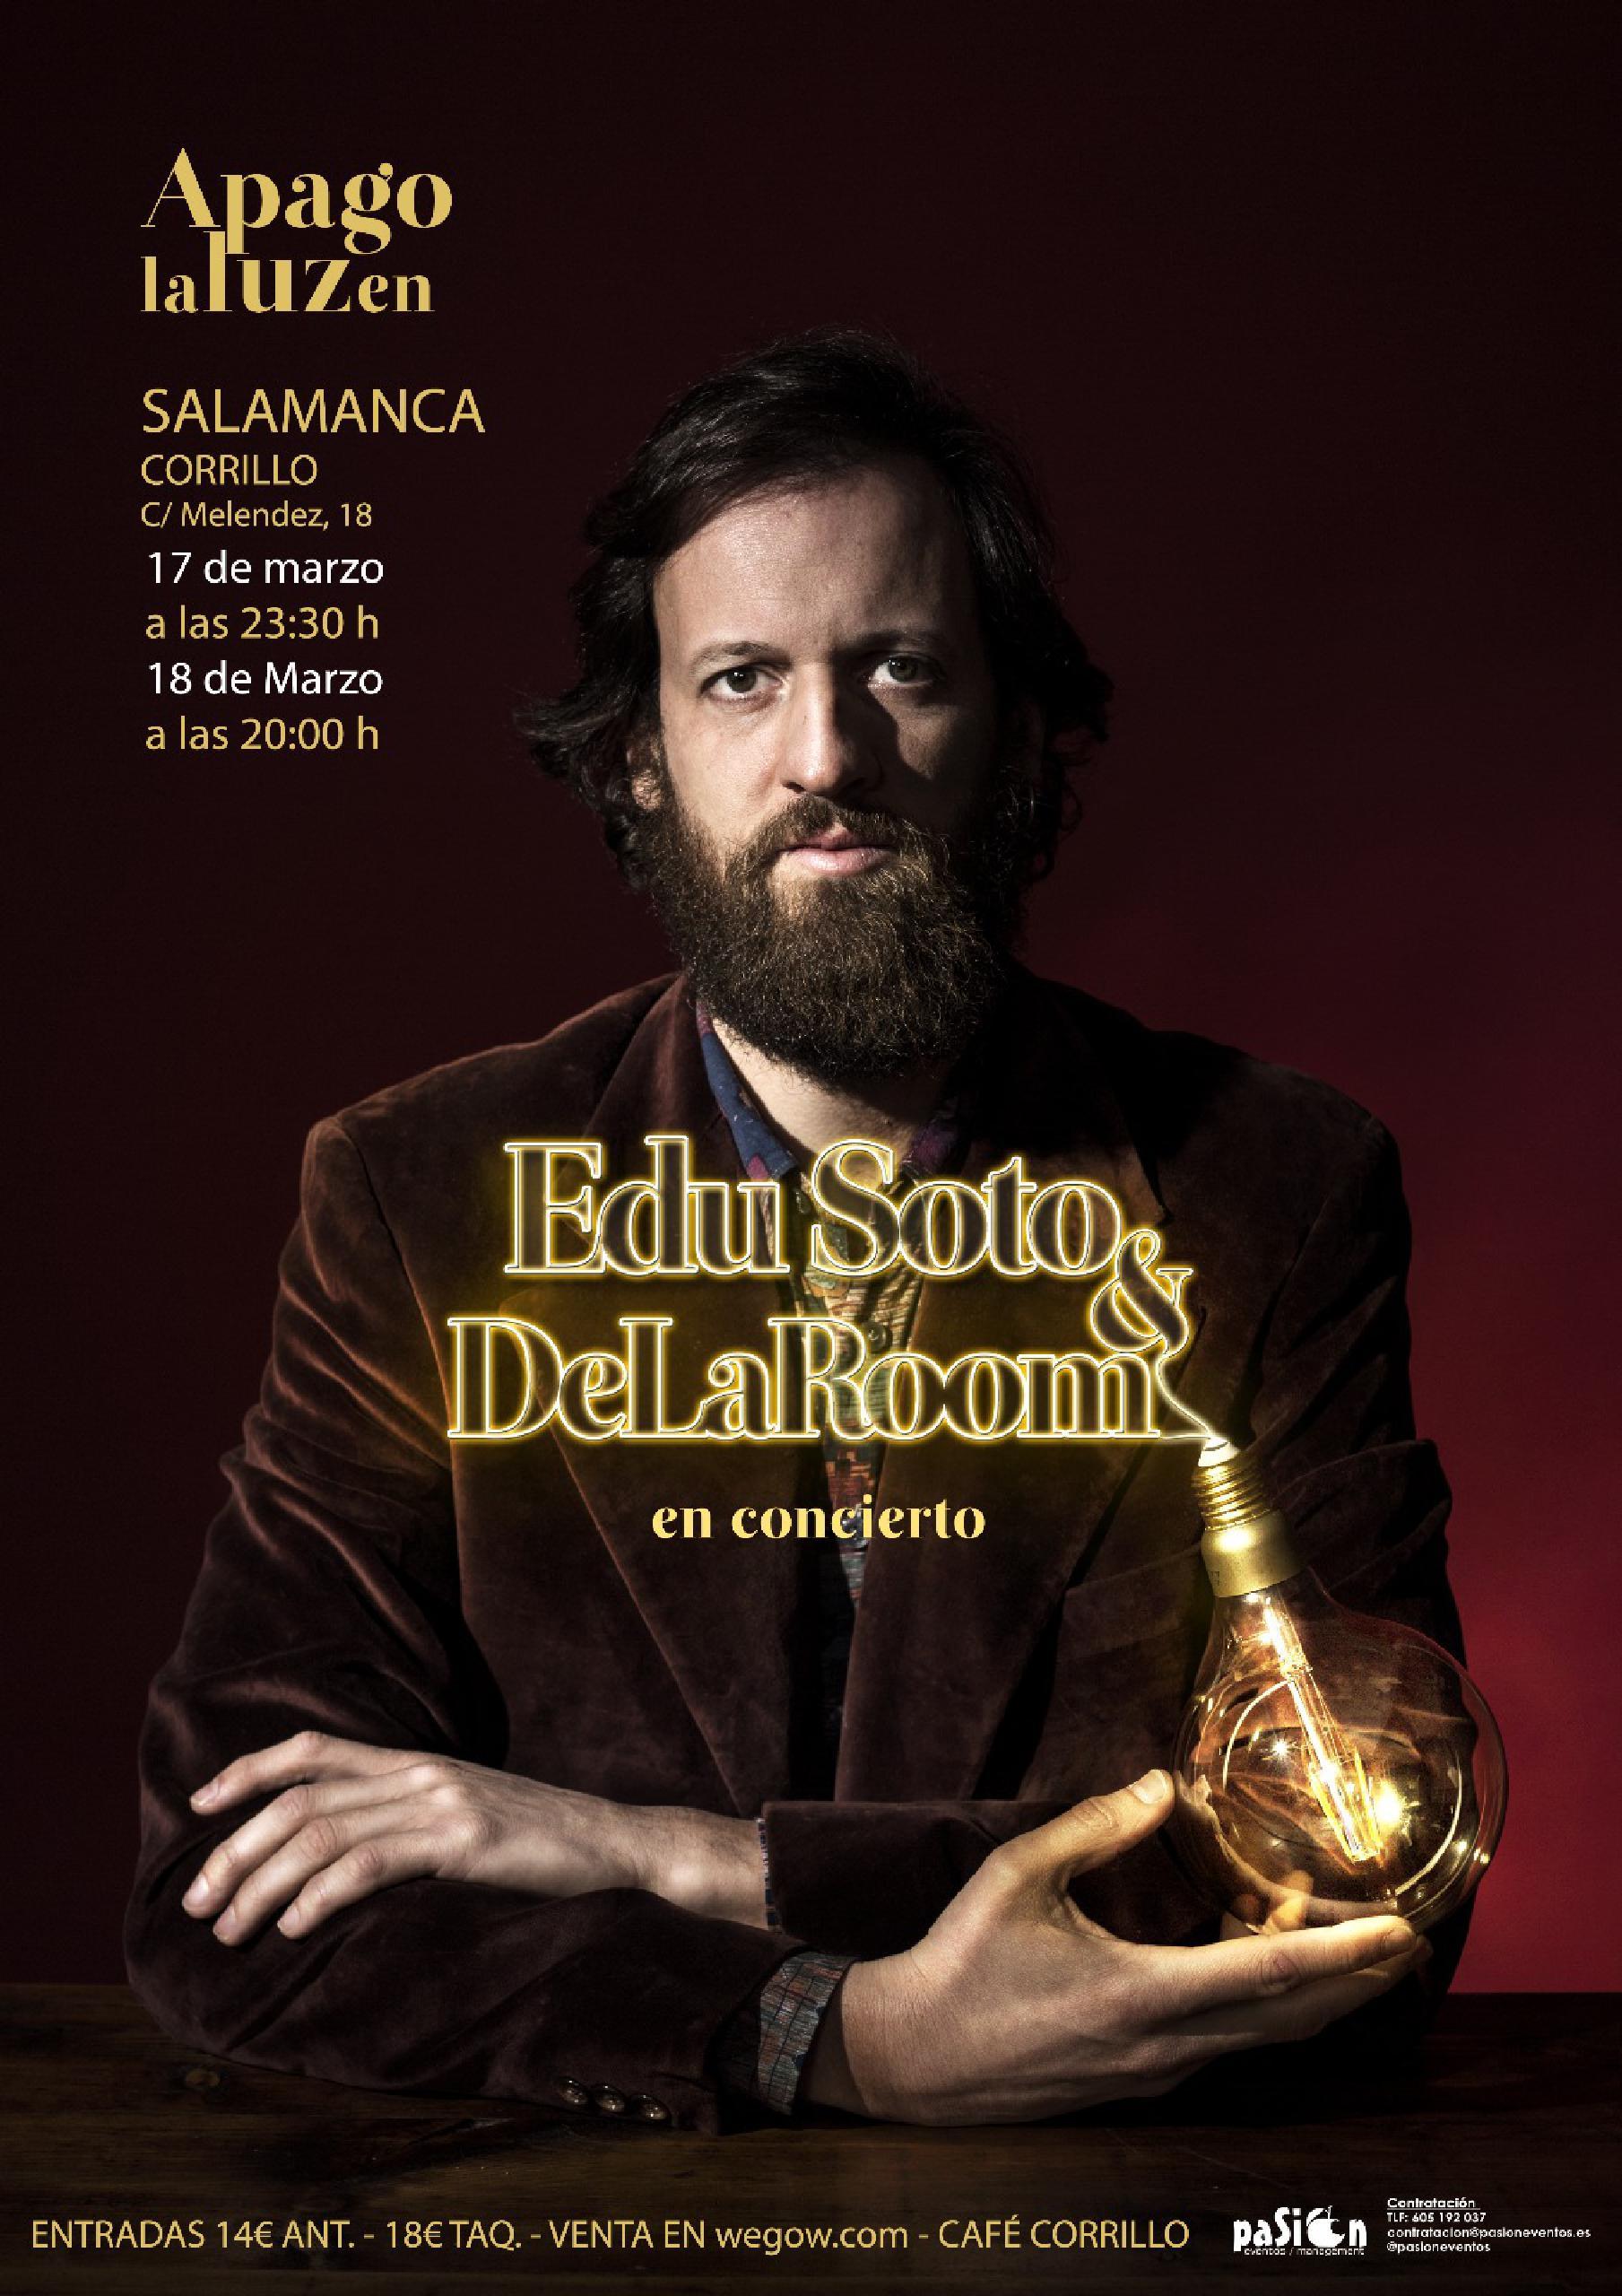 Edu Soto en Salamanca